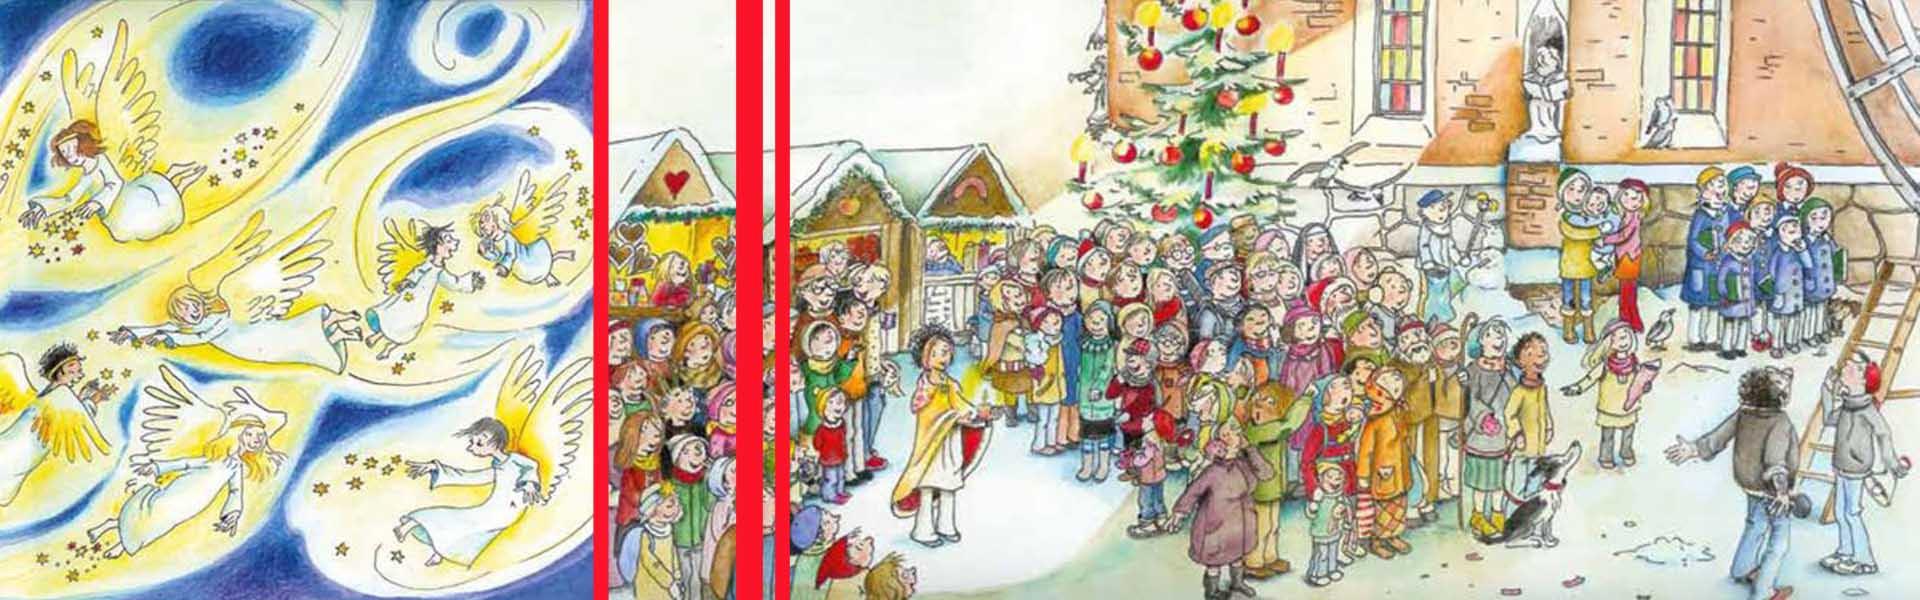 Die Himmelskinder-Weihnacht